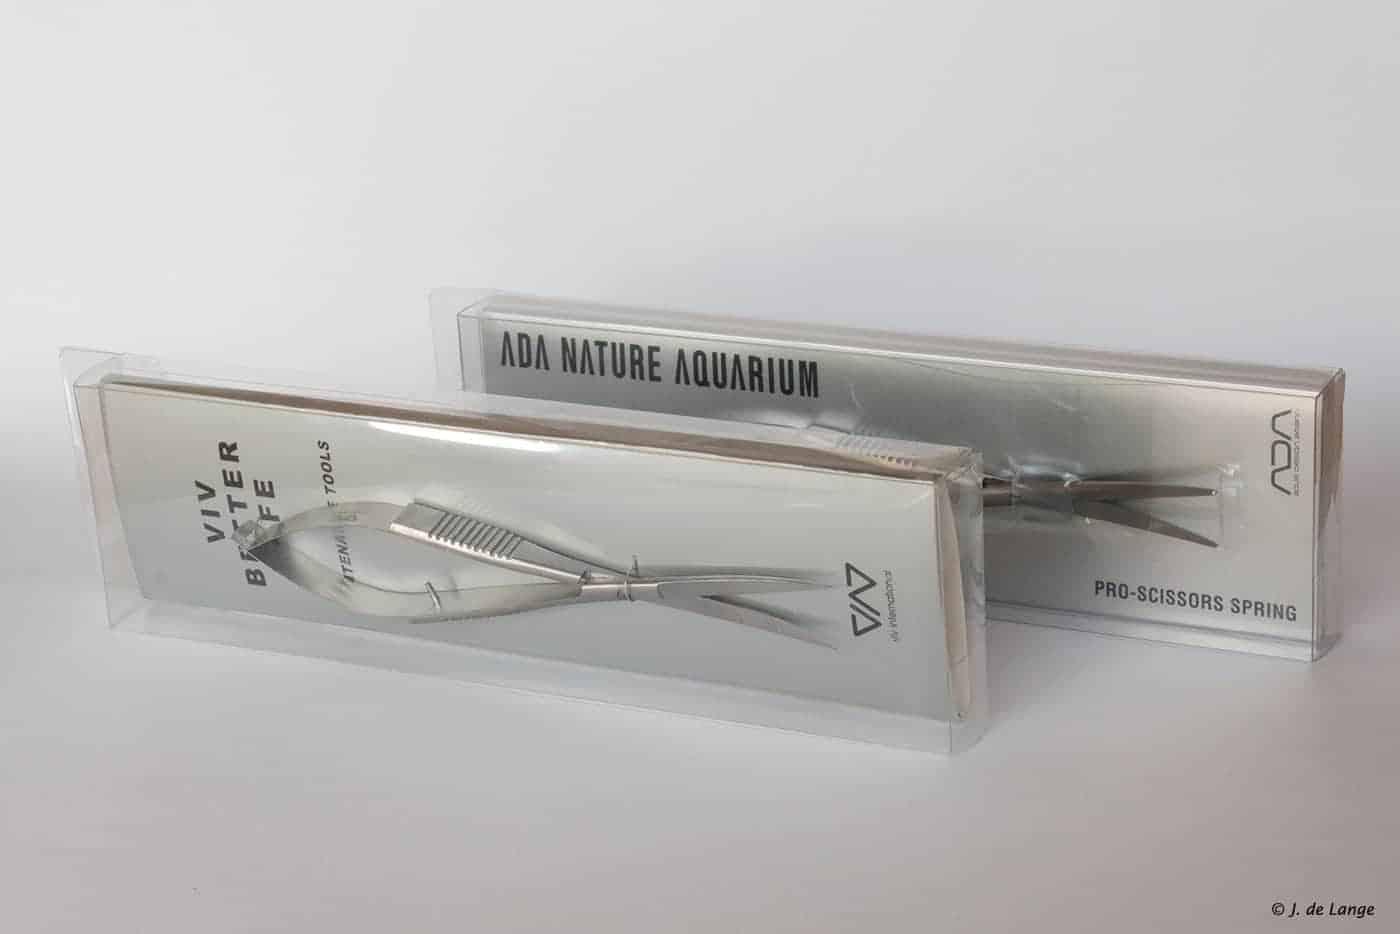 ADA en ViV scharen in de verpakking